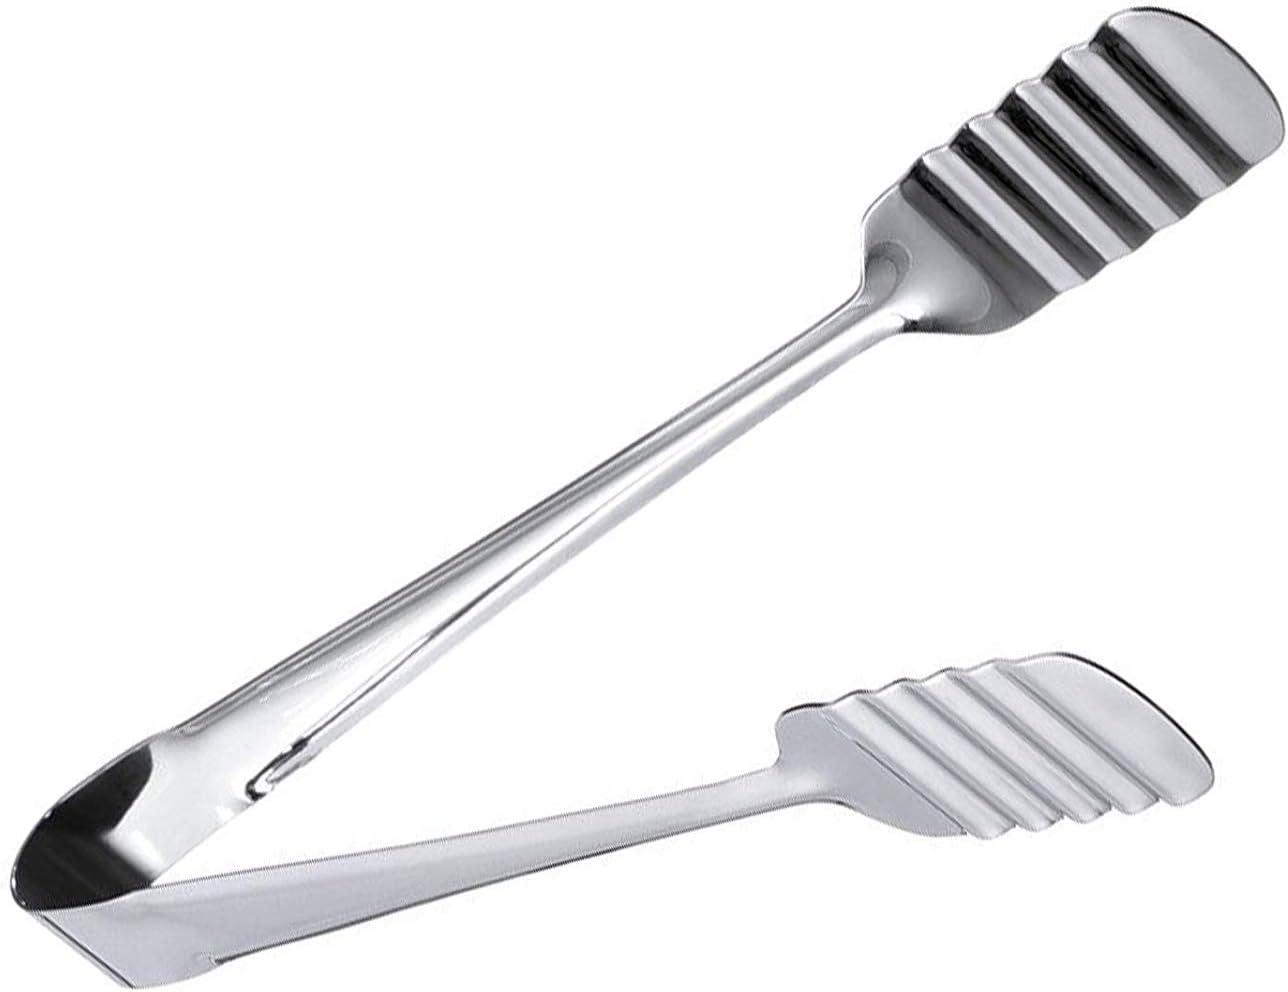 Kitchen kemistry Pinzas para Servir de Pastel de Acero Inoxidable Premium de 9 Pulgadas de Largo